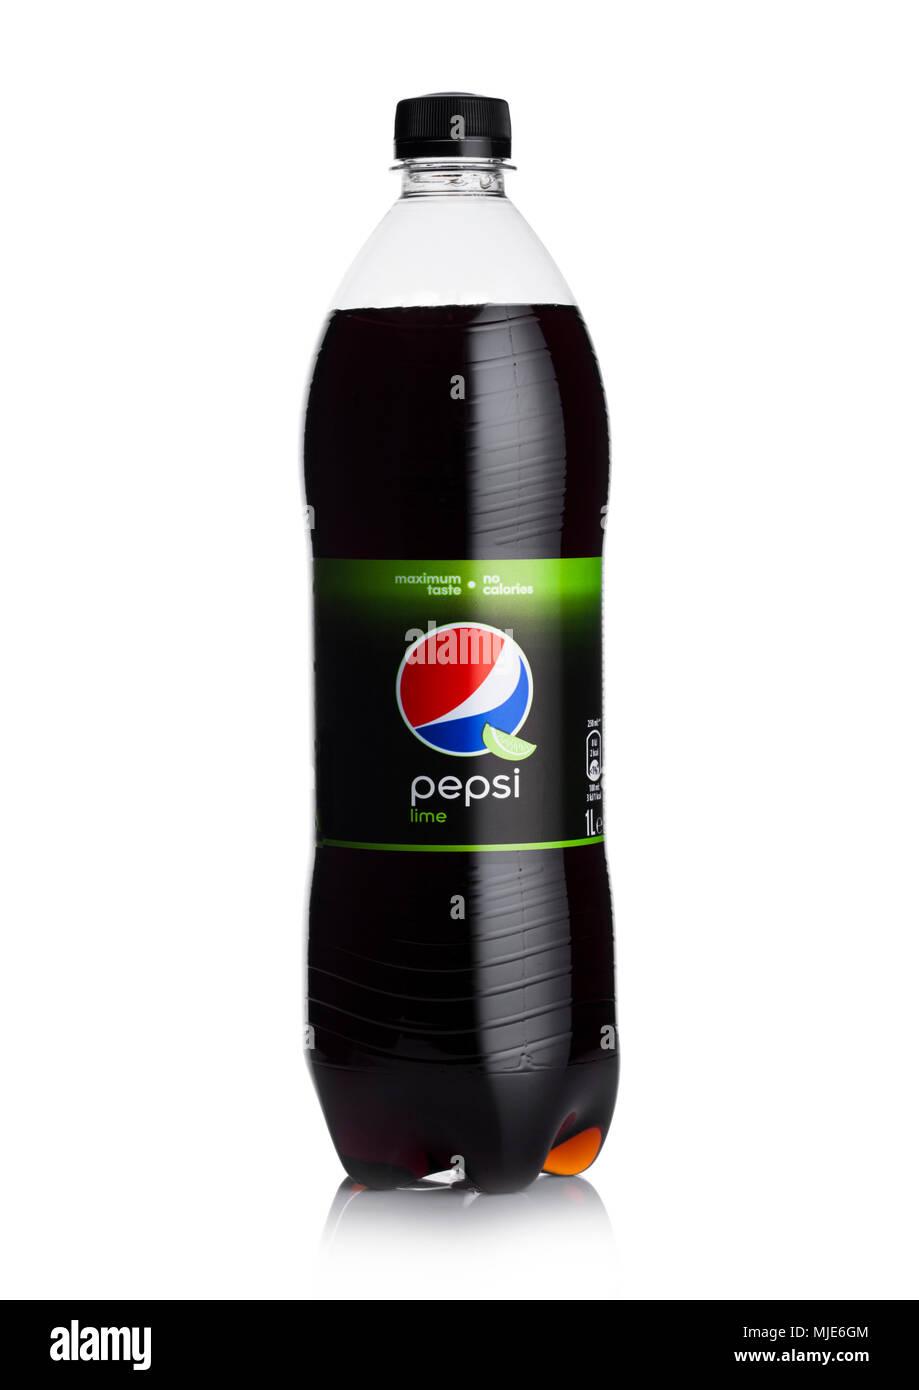 london uk april 27 2018 bottle of pepsi cola lime soft drink on